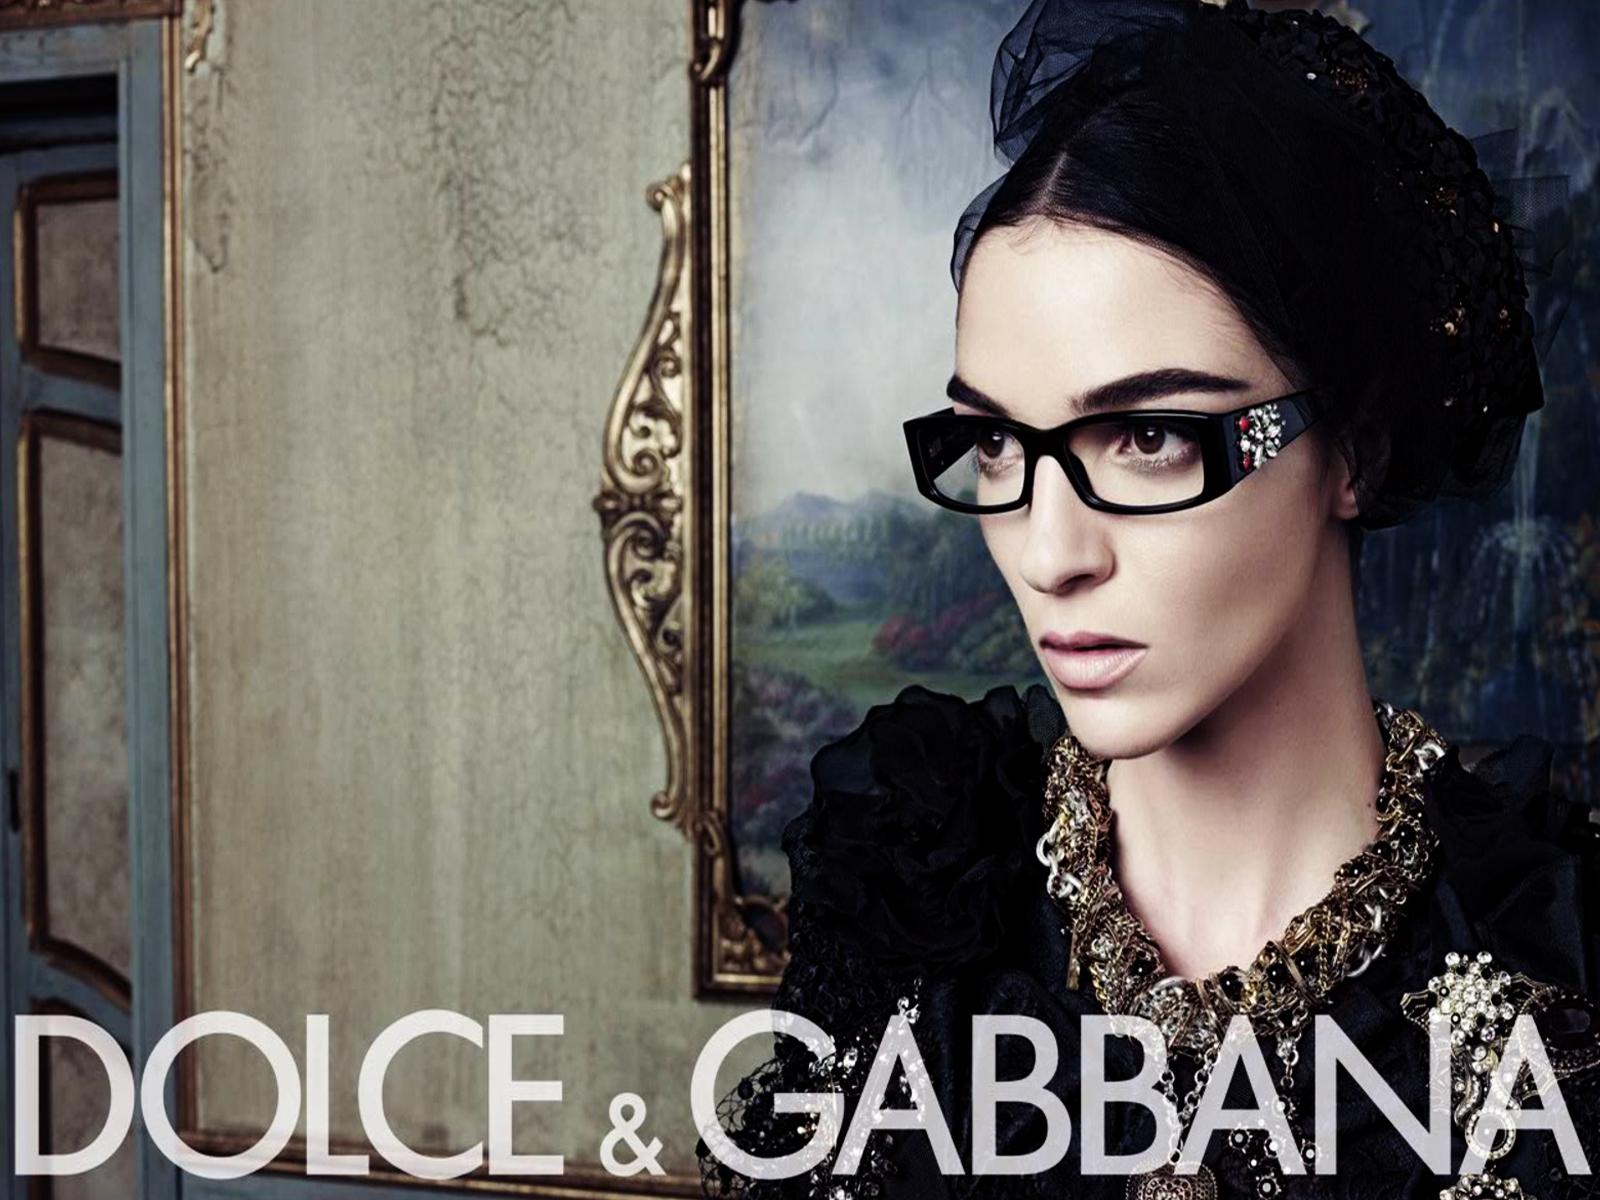 Dolce & Gabbana Fashion Ads Wallpaper